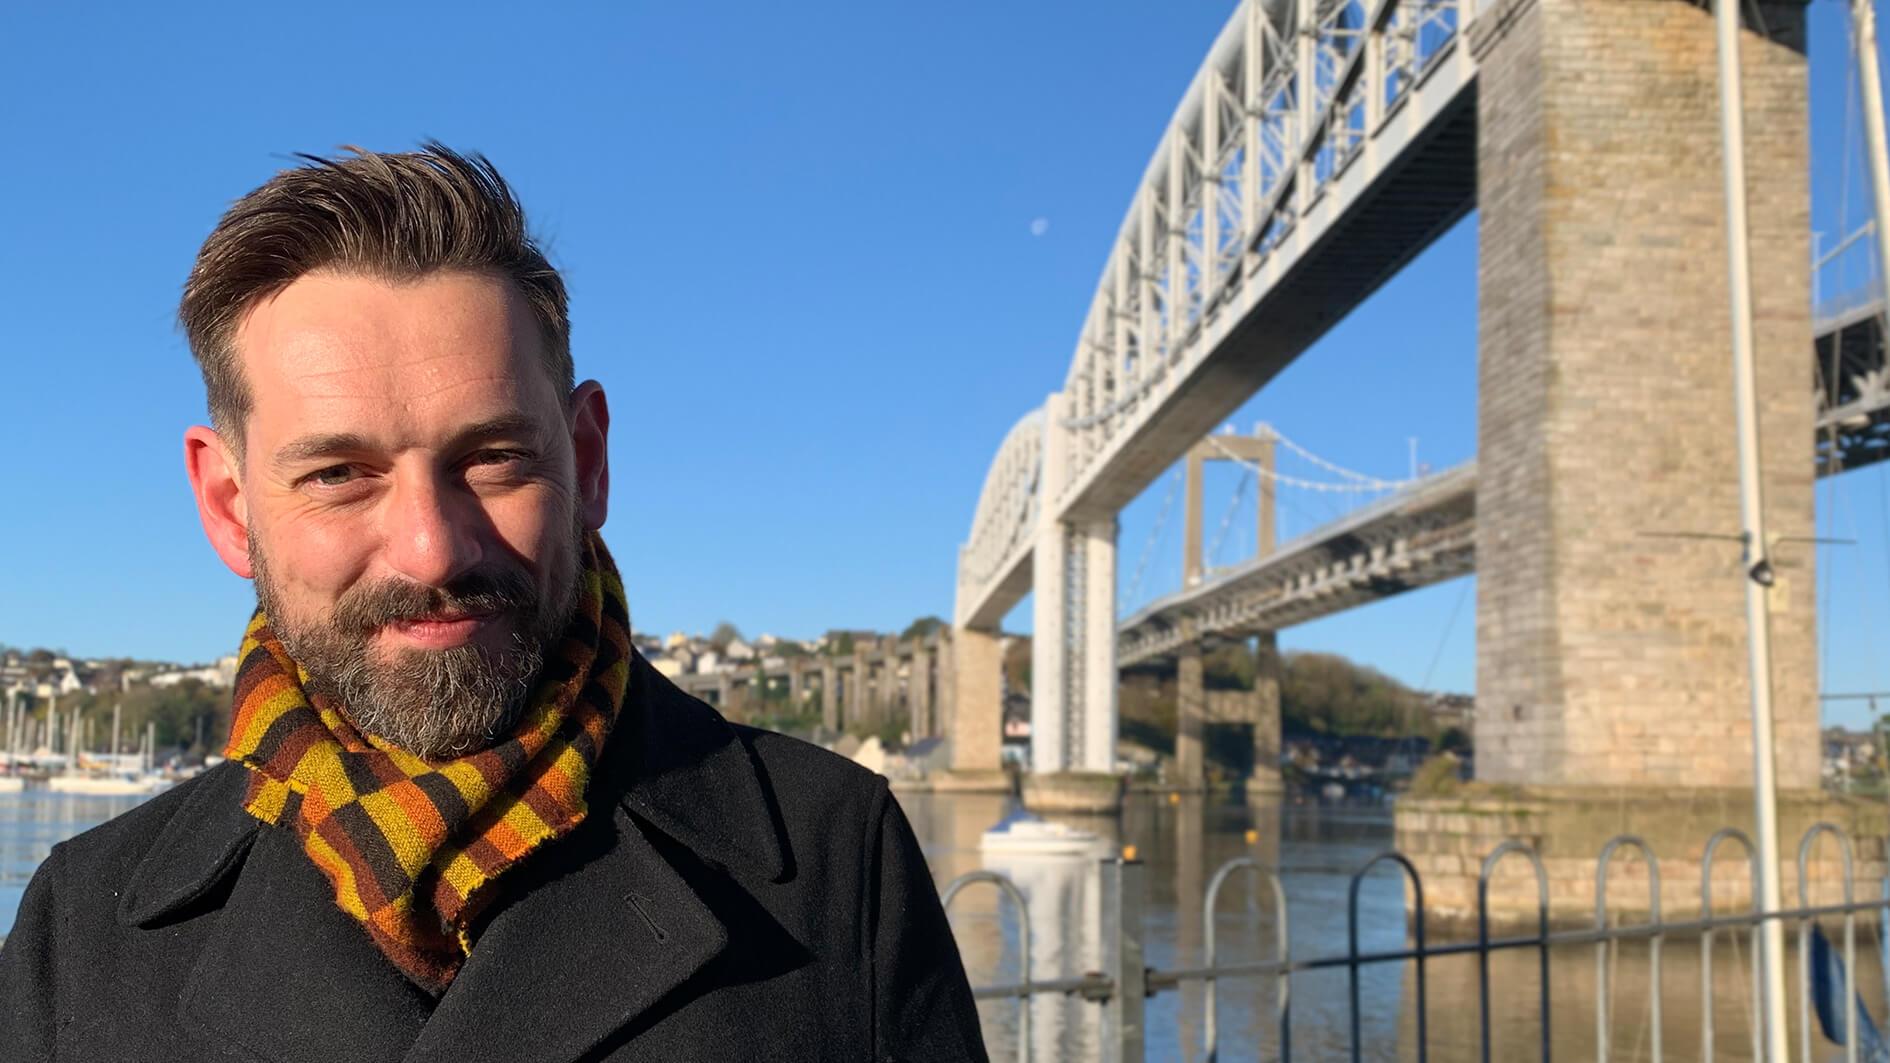 Tim Dunn in front of railway bridge